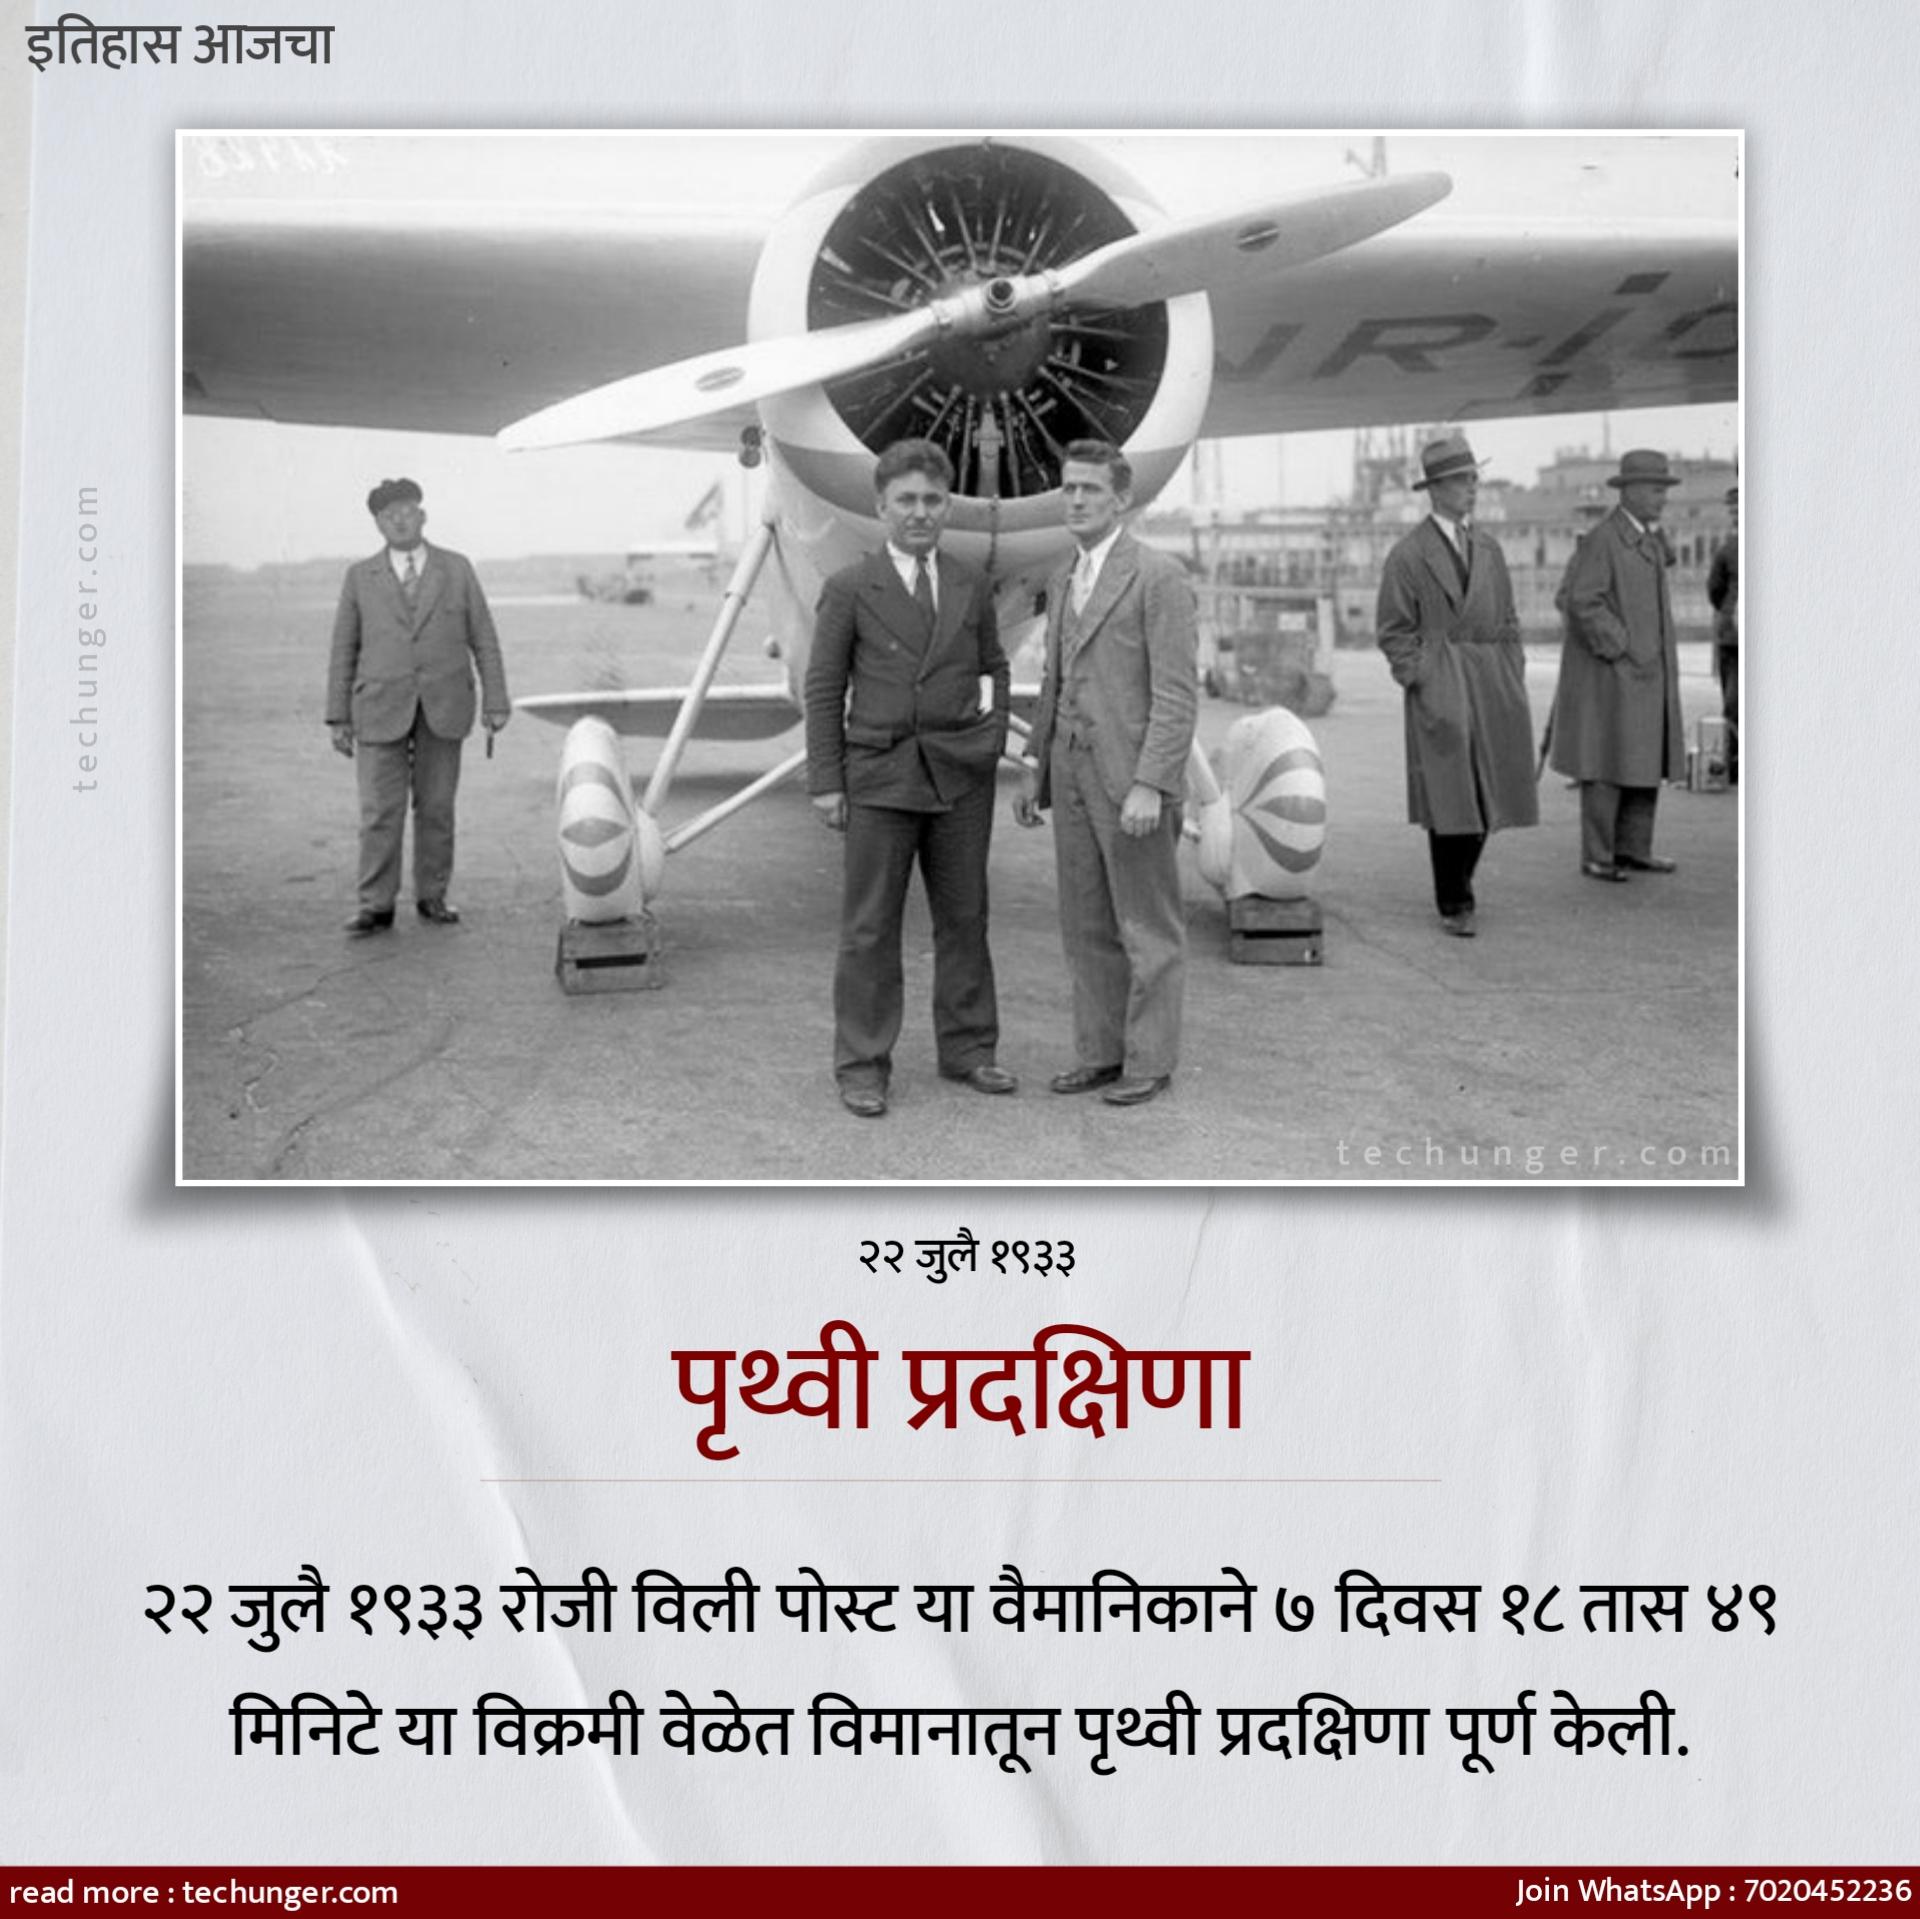 पृथ्वी प्रदक्षिणा, २२ जुलै १९३३ रोजी विली पोस्ट या वैमानिकाने ७ दिवस १८ तास ४९ मिनिटे या विक्रमी वेळेत विमानातून पृथ्वी प्रदक्षिणा पूर्ण केली.